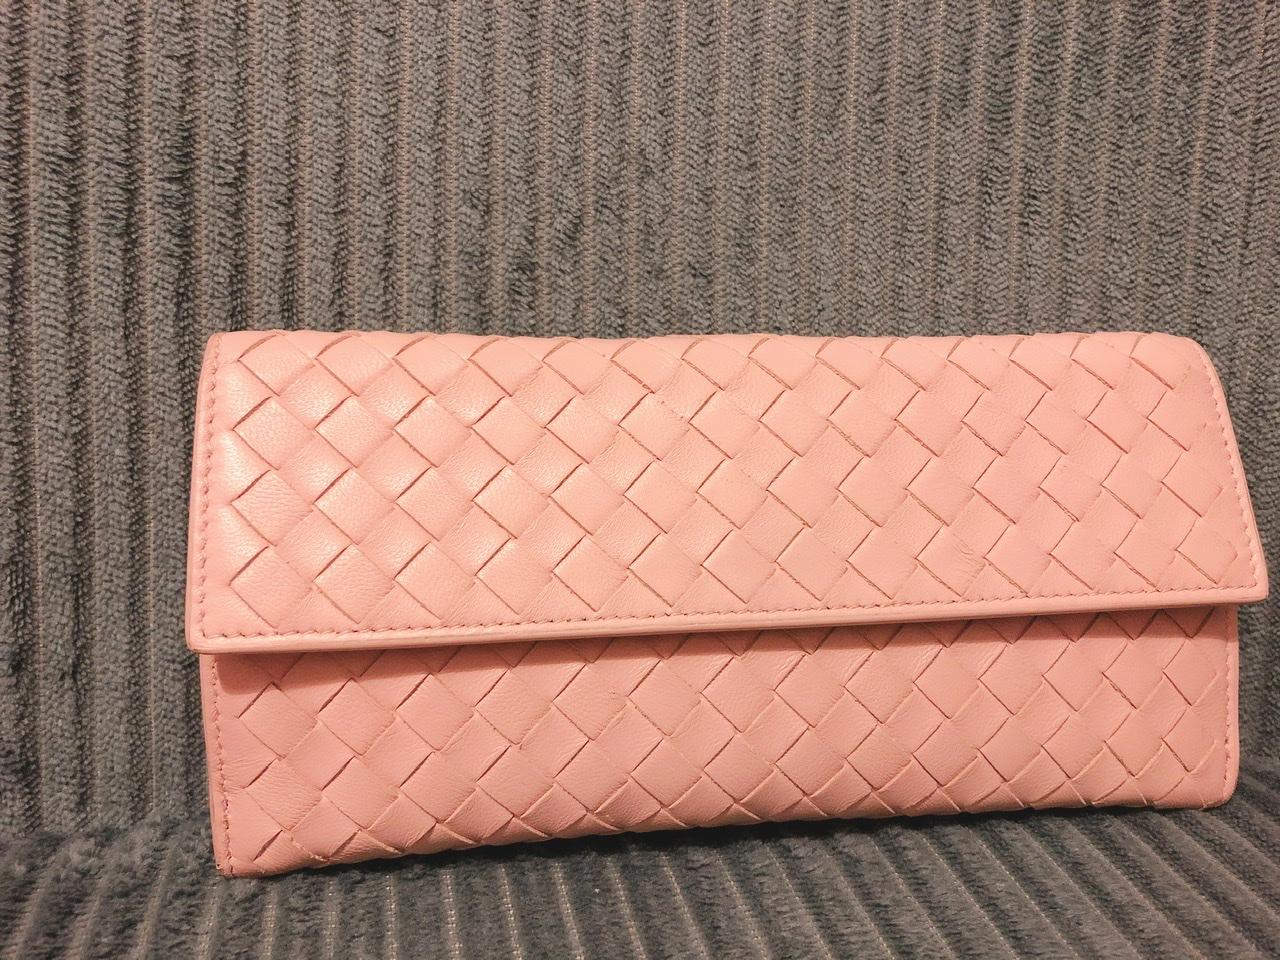 【20代女子の愛用財布】Bottega Veneta♡_1